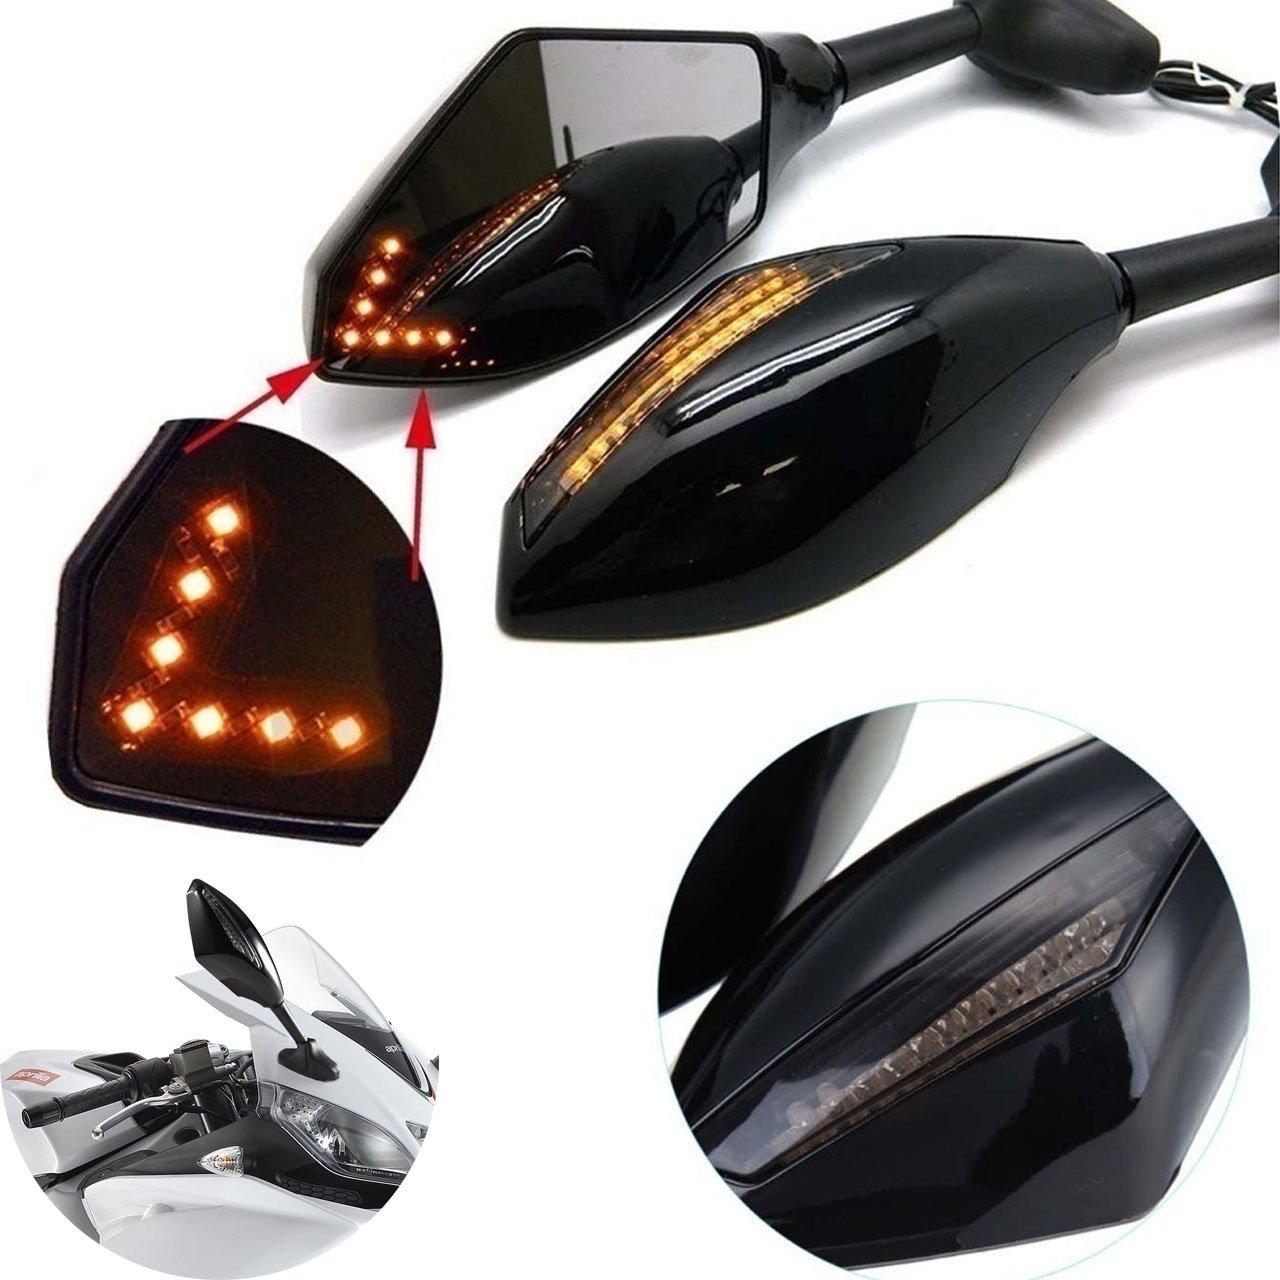 Natgic 1 Paio specchietto retrovisore Universale Moto con LED indicatore di direzione Freccia Moto indicatore Laterale retrovisore specchi per Suzuki Yamaha Honda Kawasaki Ducati Triumph-Black NGCAT